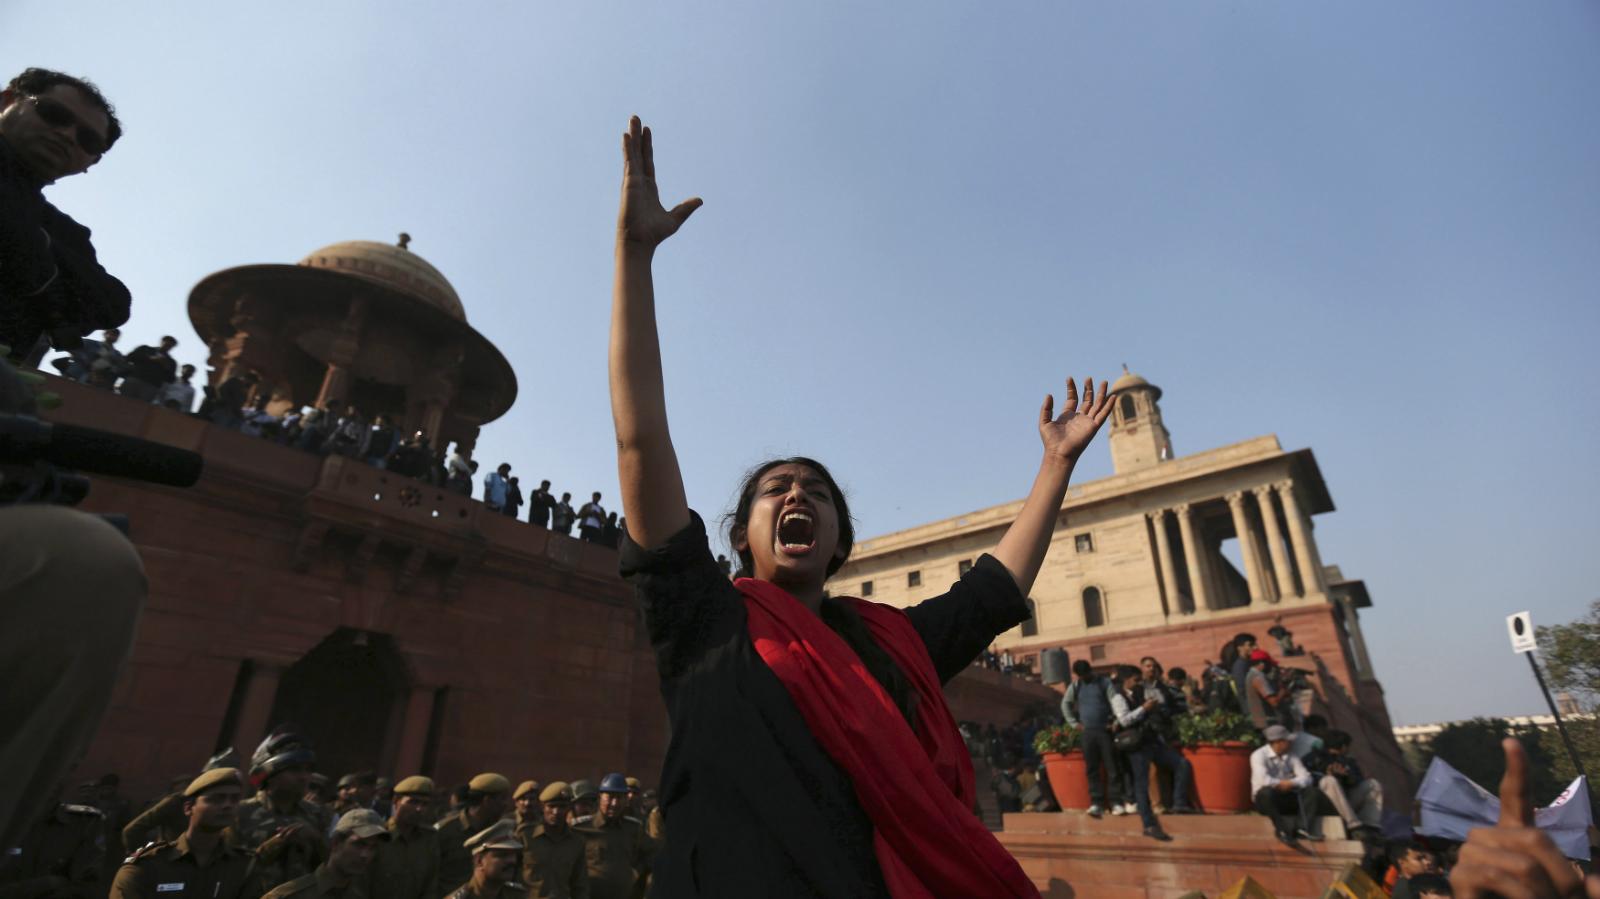 Delhi bus rapist: Women should allow men to rape them if they want